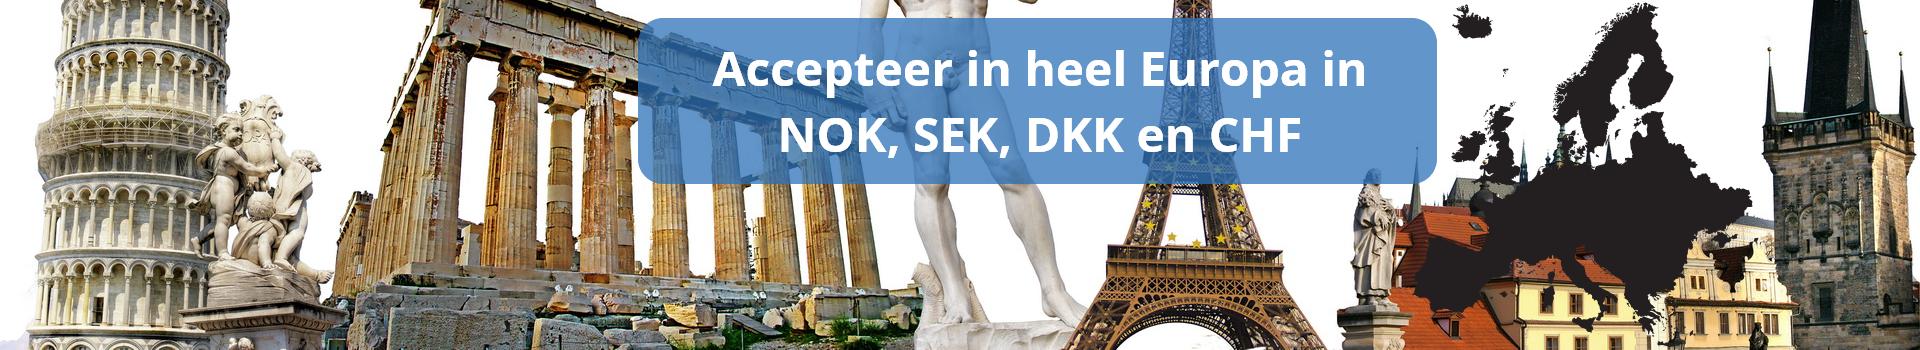 U heeft de mogelijkheid om transacties in alle Europese valuta's zoals DKK, SEK, NOK, CHF te accepteren en om in uw myPOS account in verschillende valuta's uitbetaald te worden.